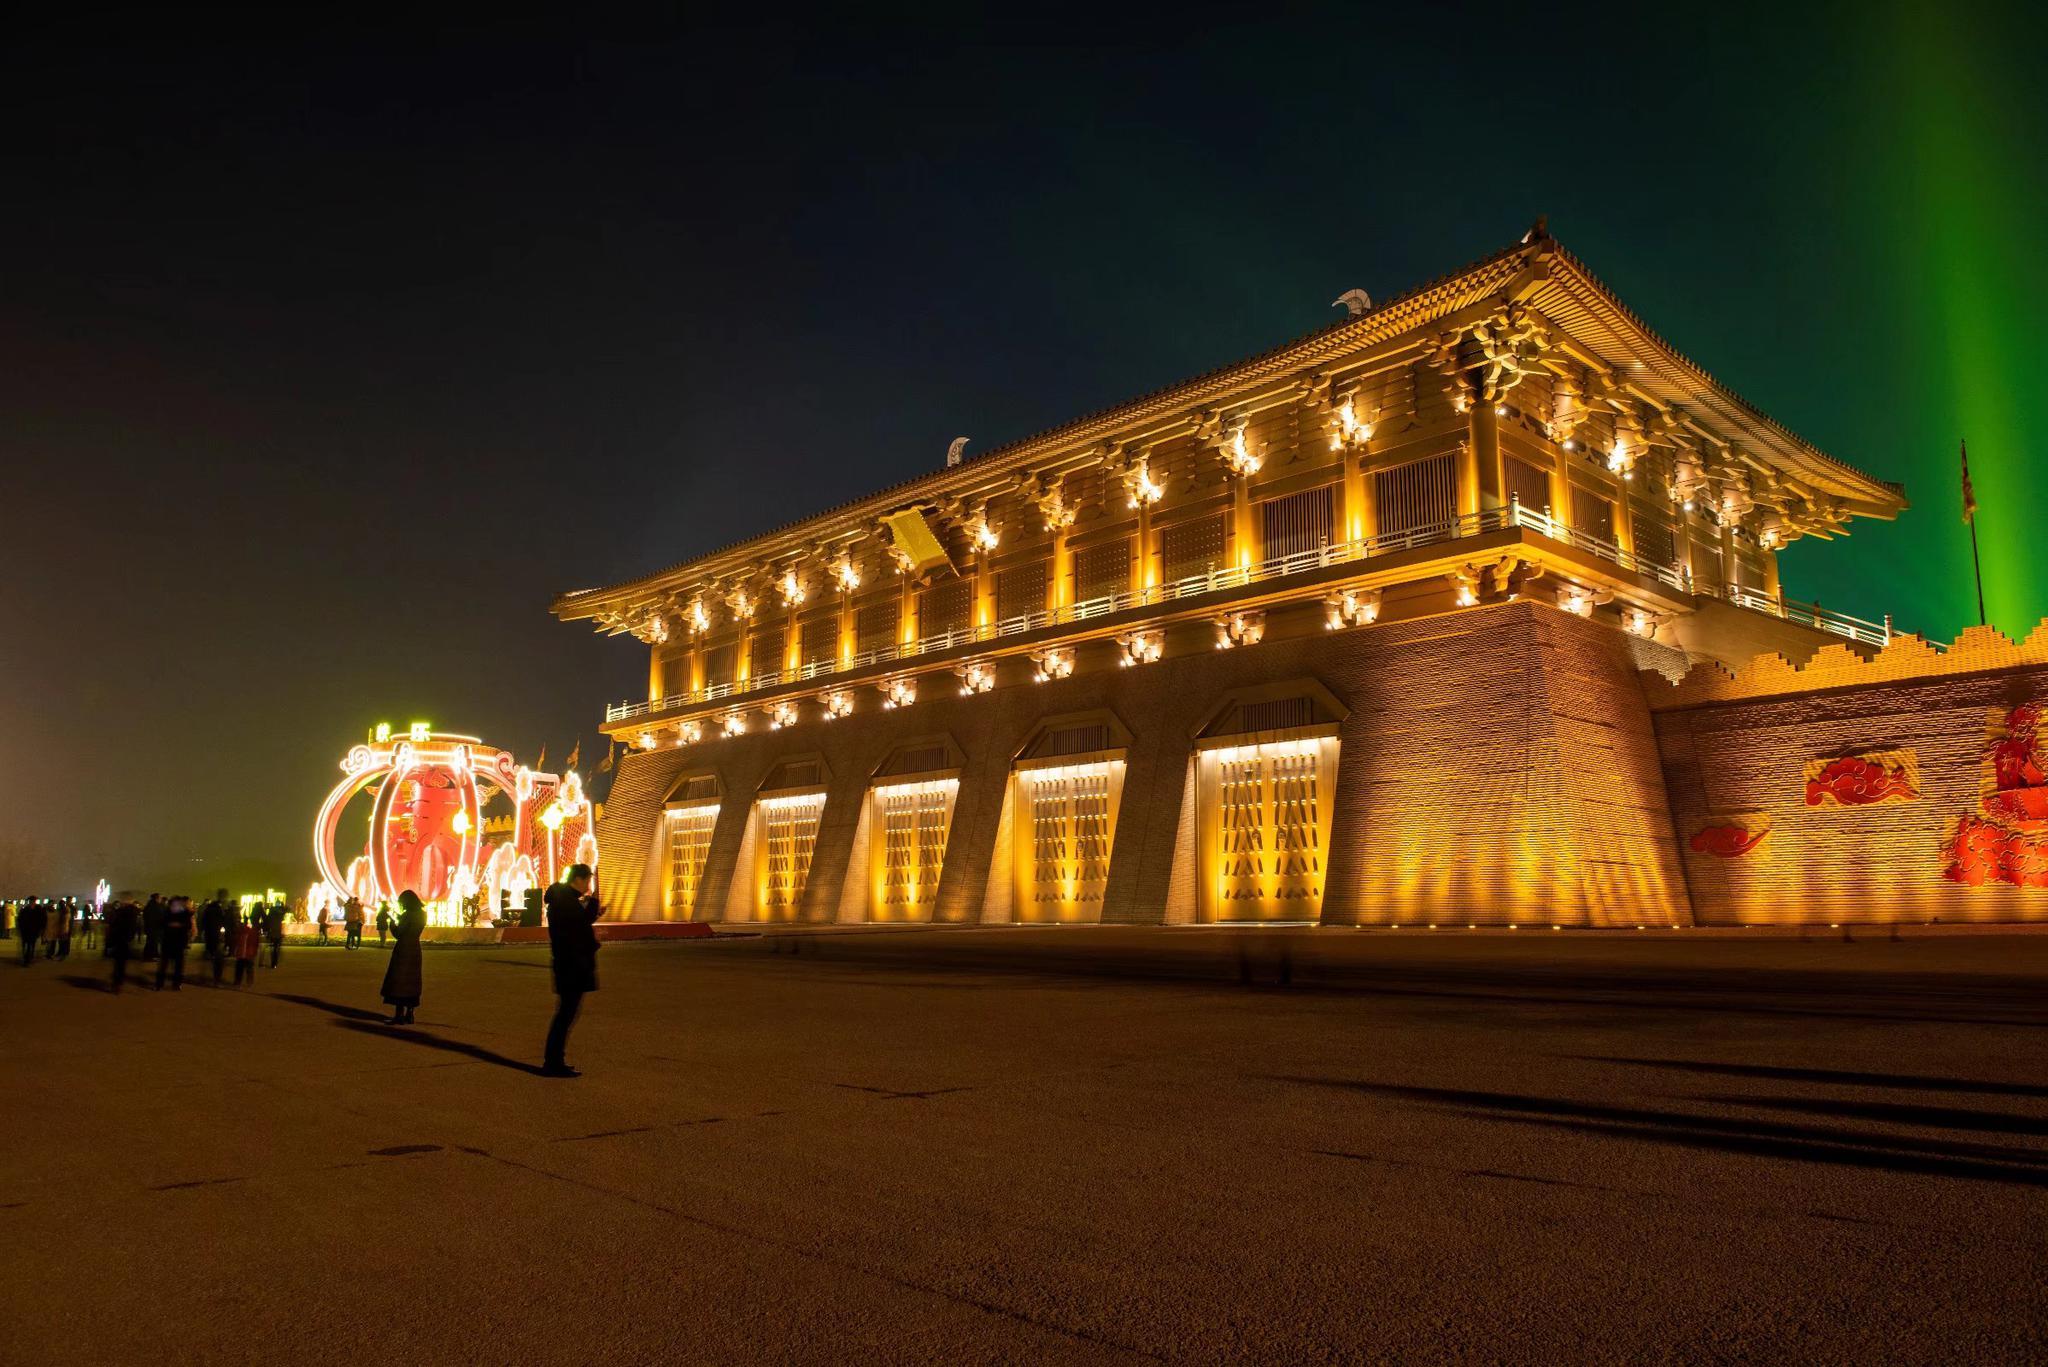 西安大明宮光影嘉年華璀璨啟幕,快來感受不一樣的視覺圖片